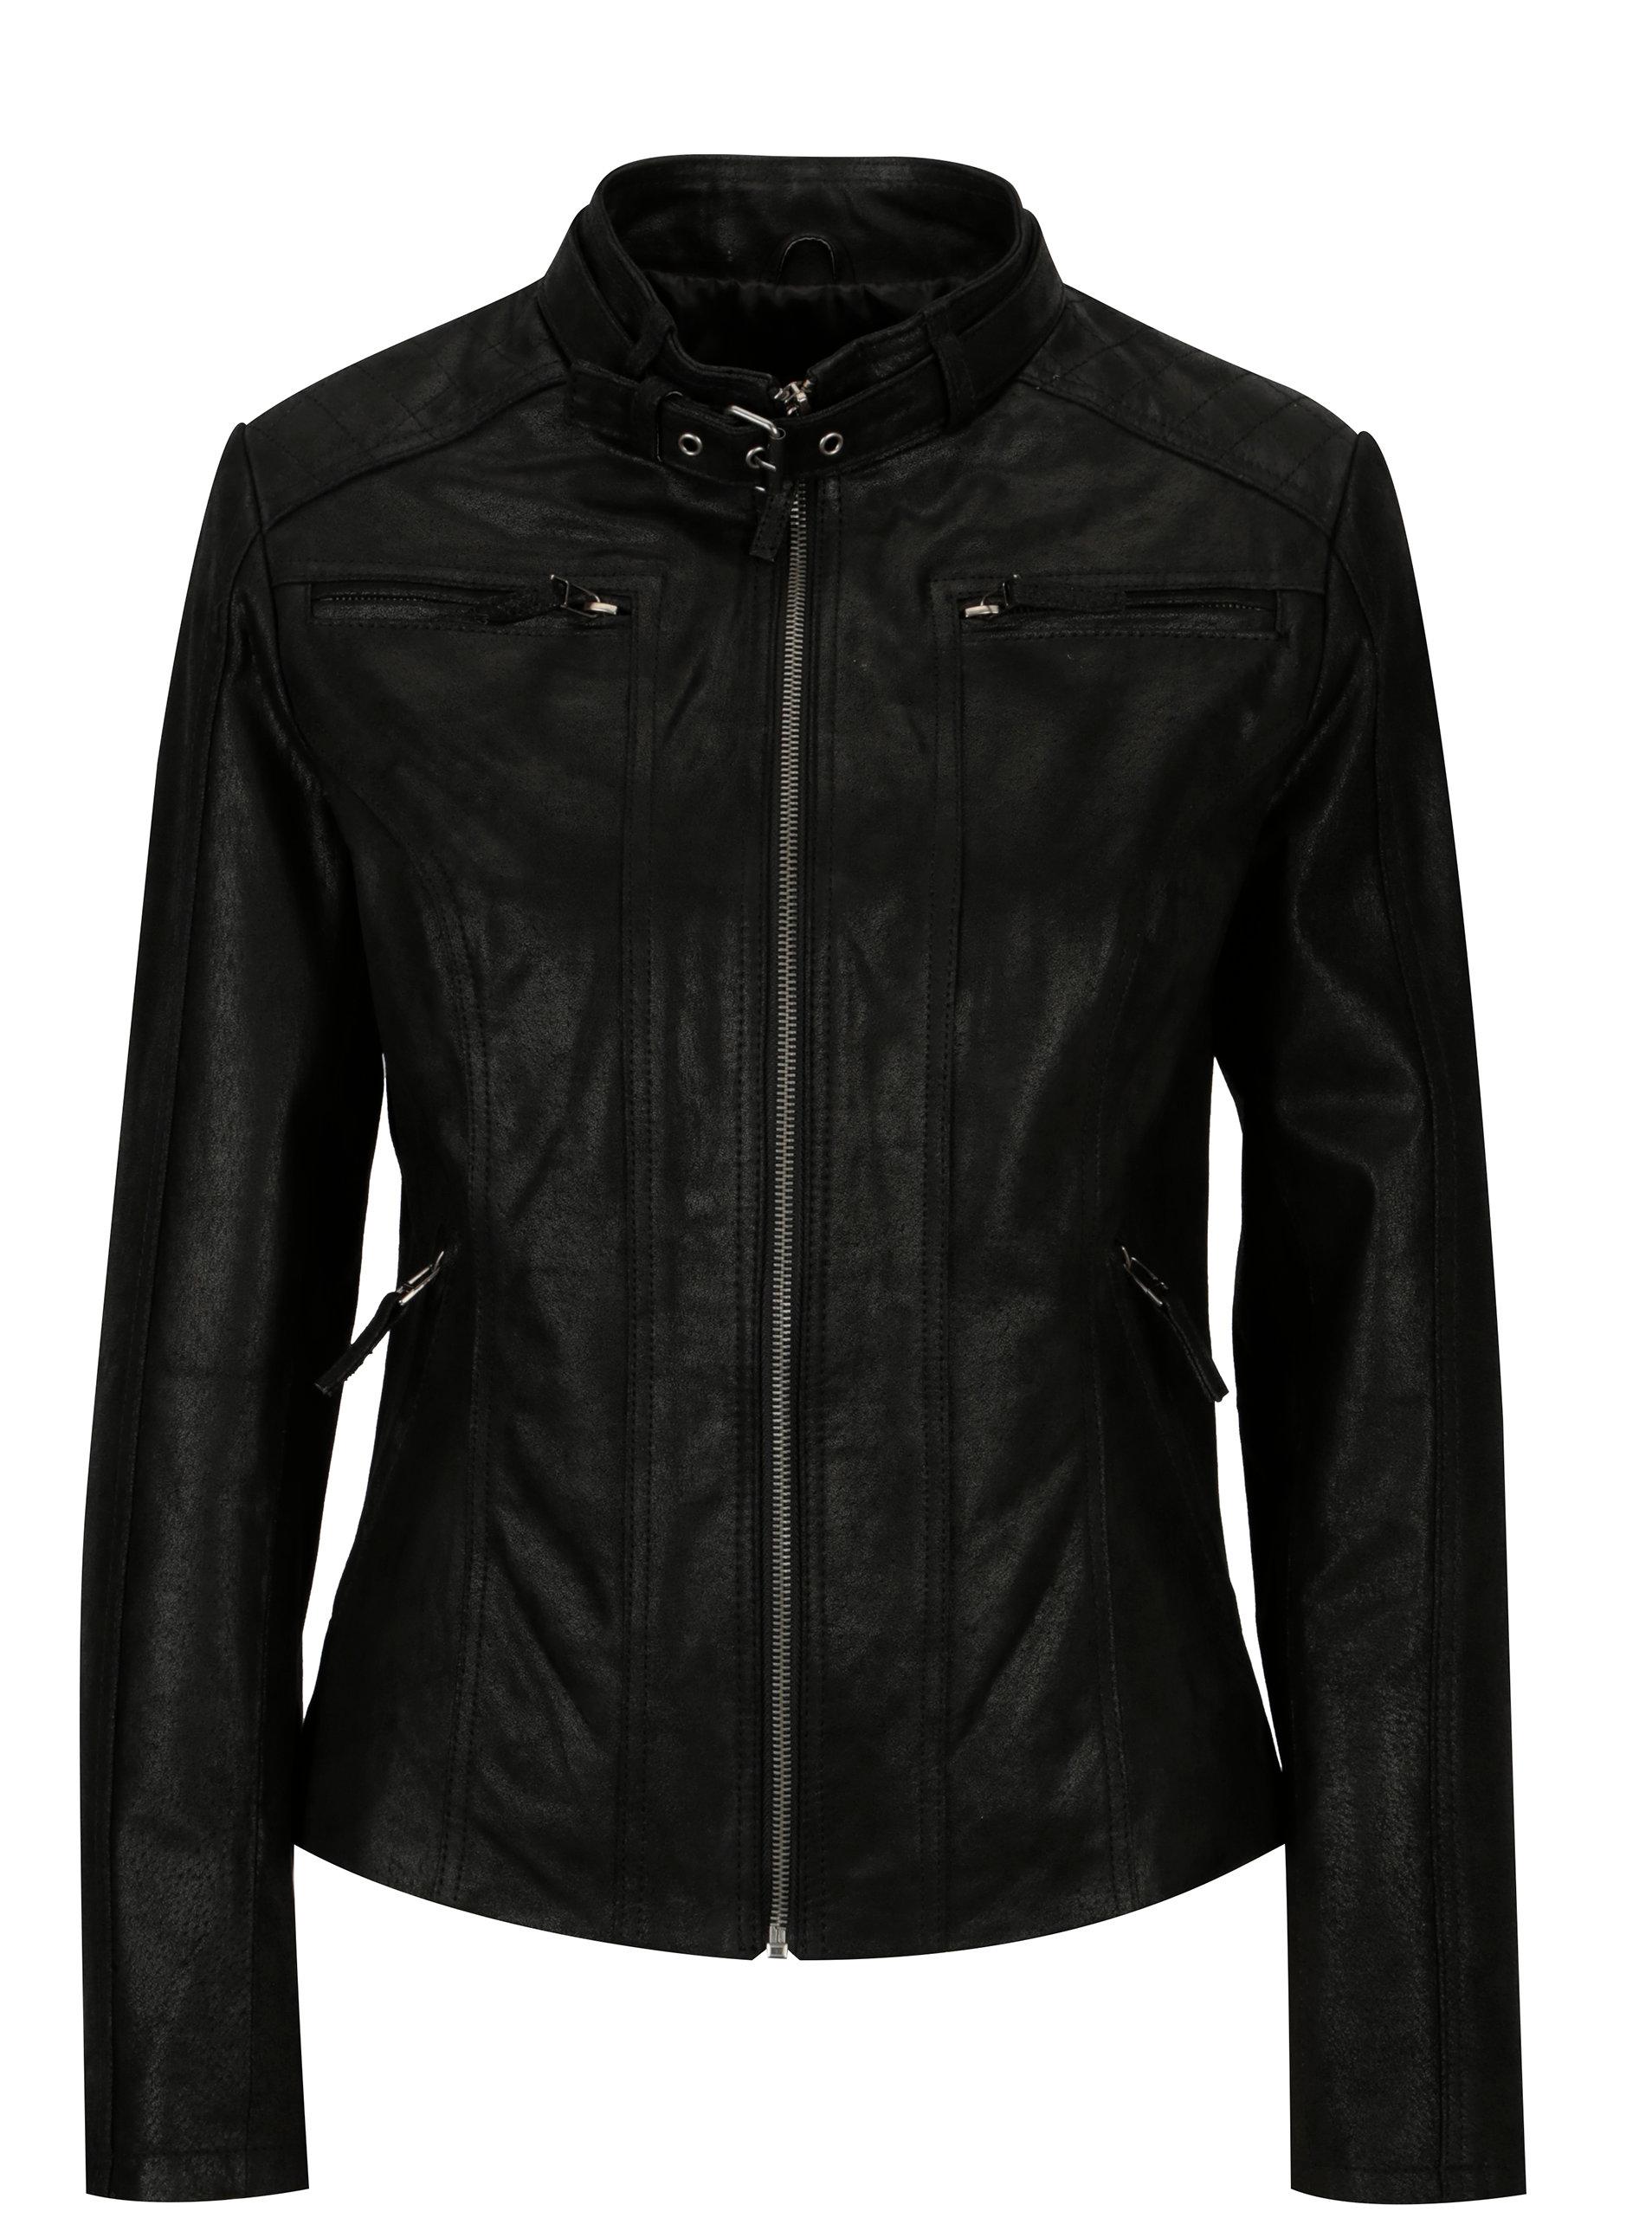 Čierna dámska kožená bunda s prackou KARA Diva ... 47d44a00dc5